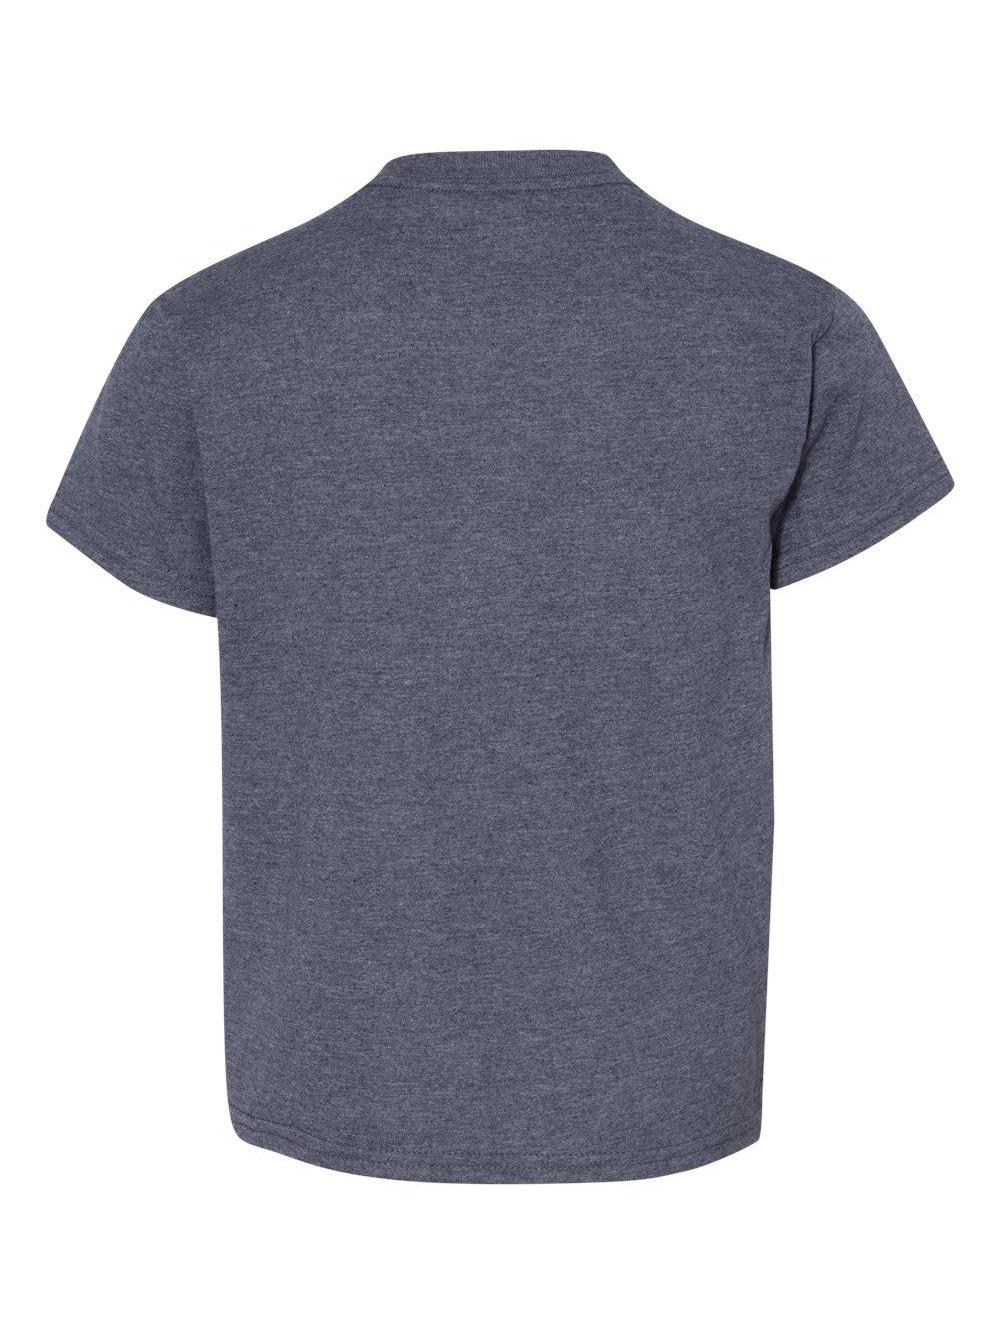 Gildan-DryBlend-Youth-50-50-T-Shirt-8000B thumbnail 37